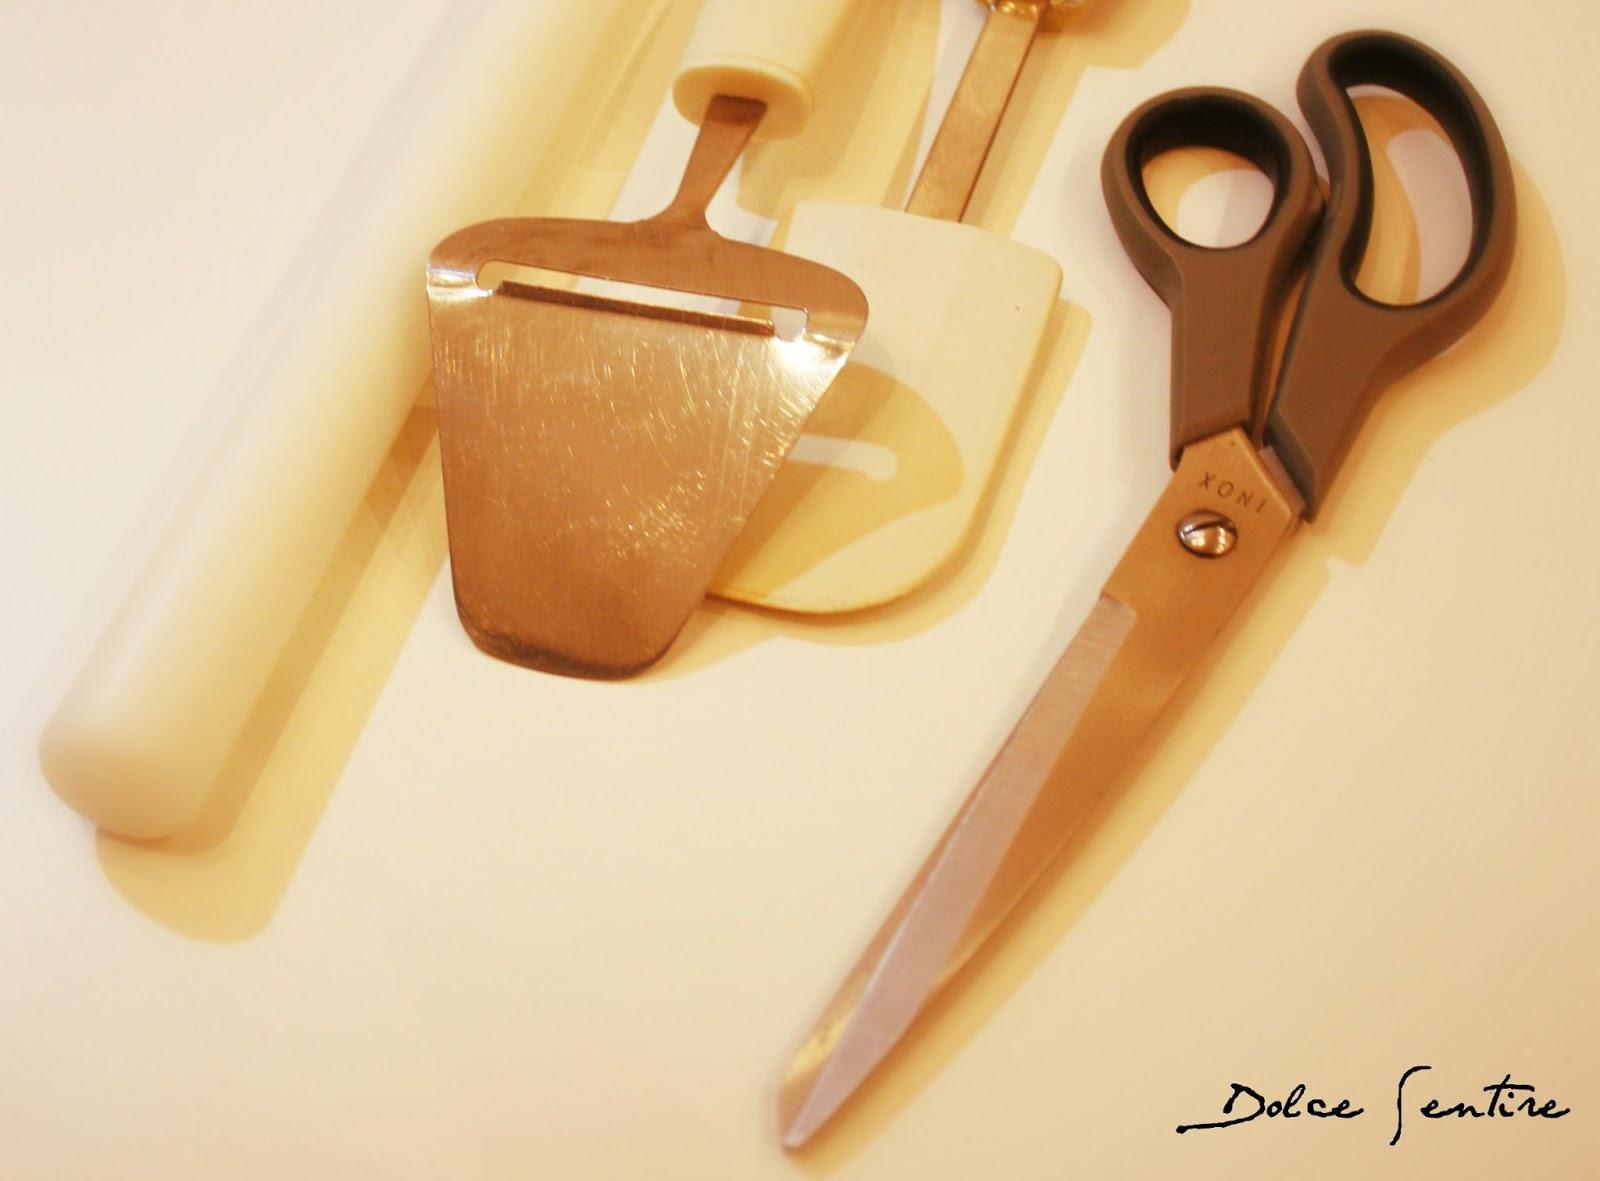 Dolce sentire galletas decoradas gu a de herramientas - Guia para decorar ...